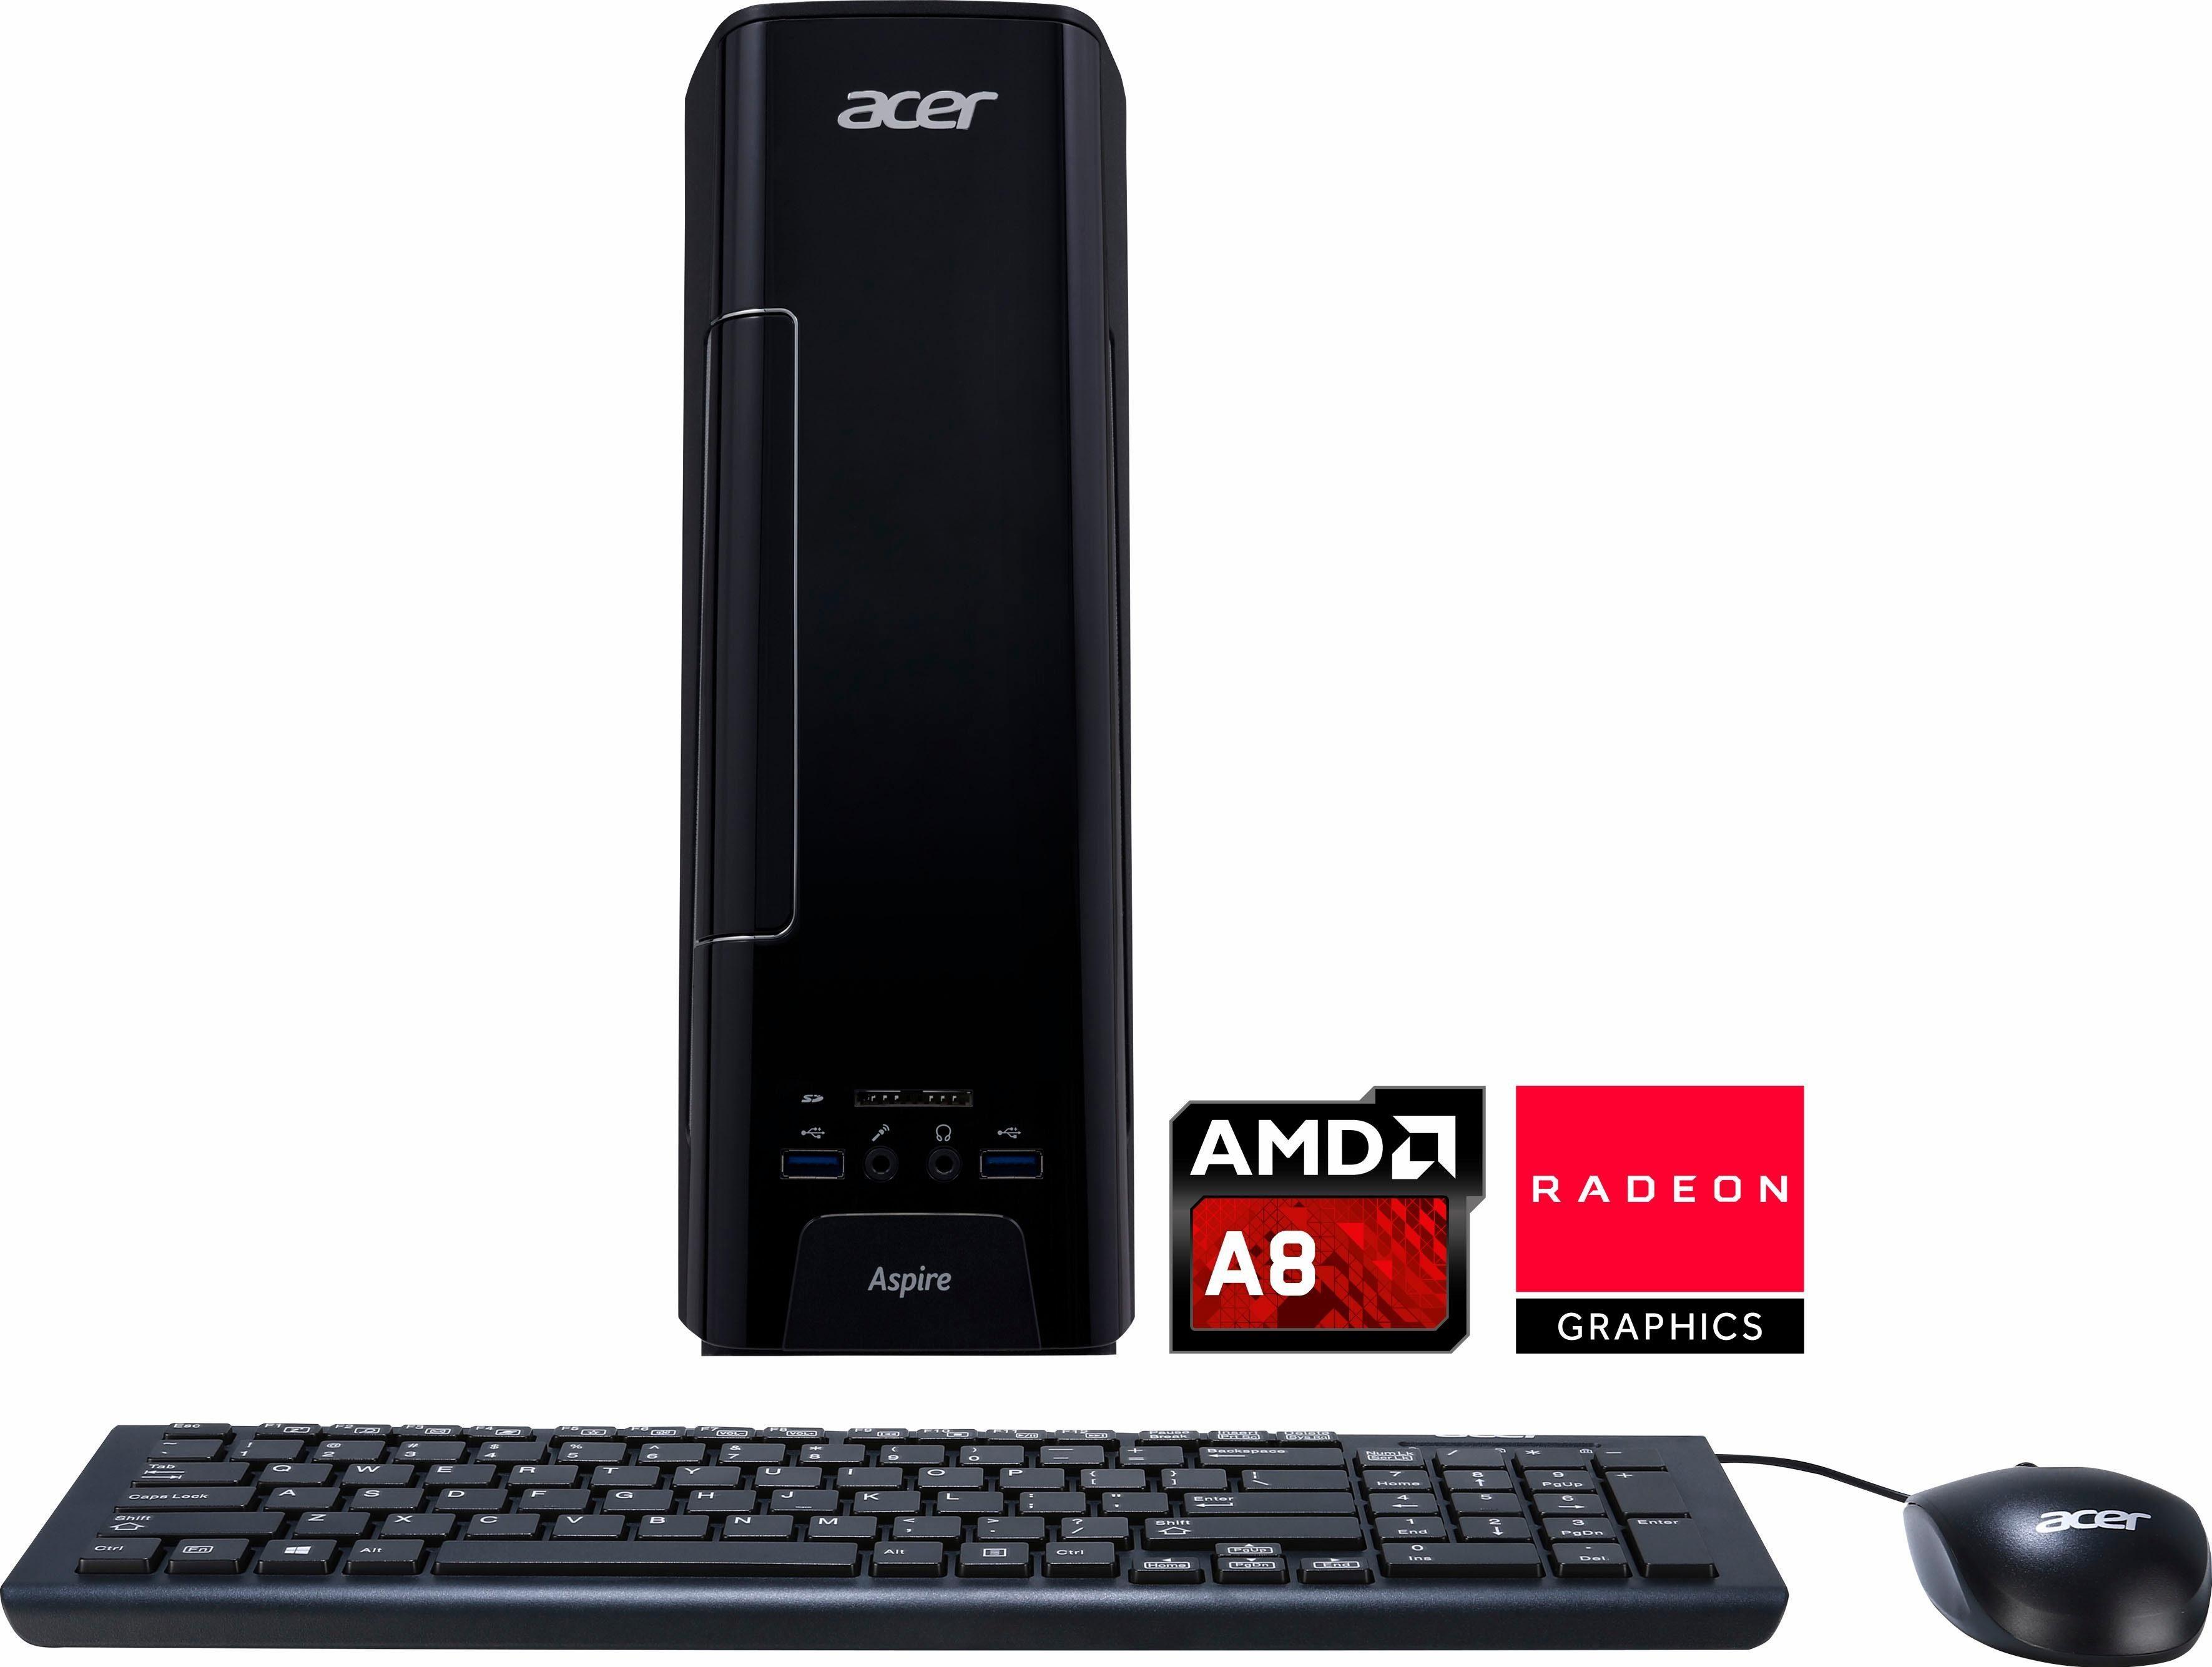 Acer Aspire XC 230, AMD A8 7410 PC, AMD A8, 4096 MB DDR3-RAM, 1000 GB Speicher, AMD Radeon